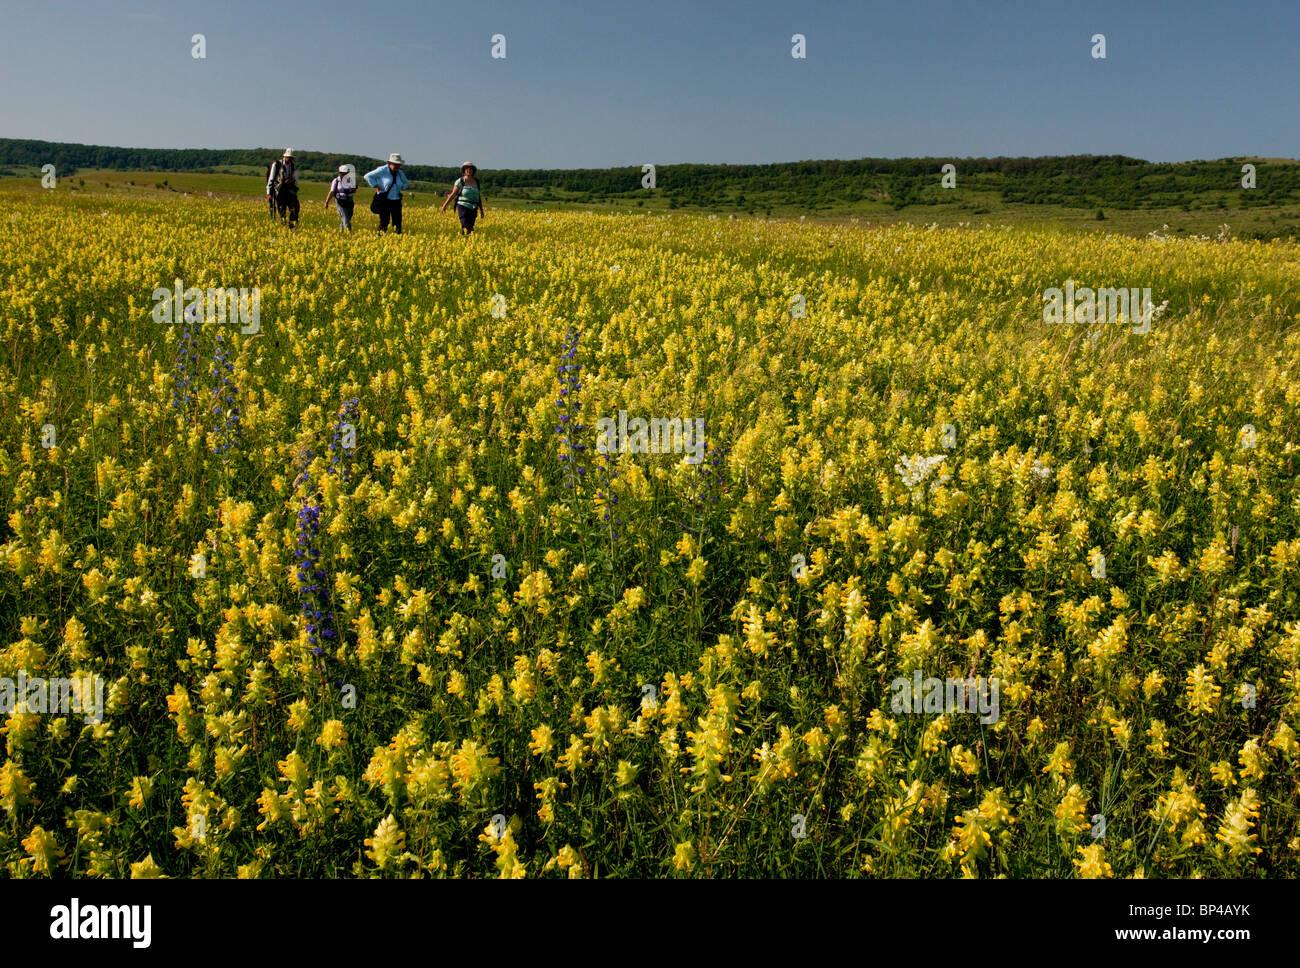 Gruppo di natura a piedi attraverso intensamente fiorito di ampie praterie intorno al villaggio sassone di Viscri Foto Stock